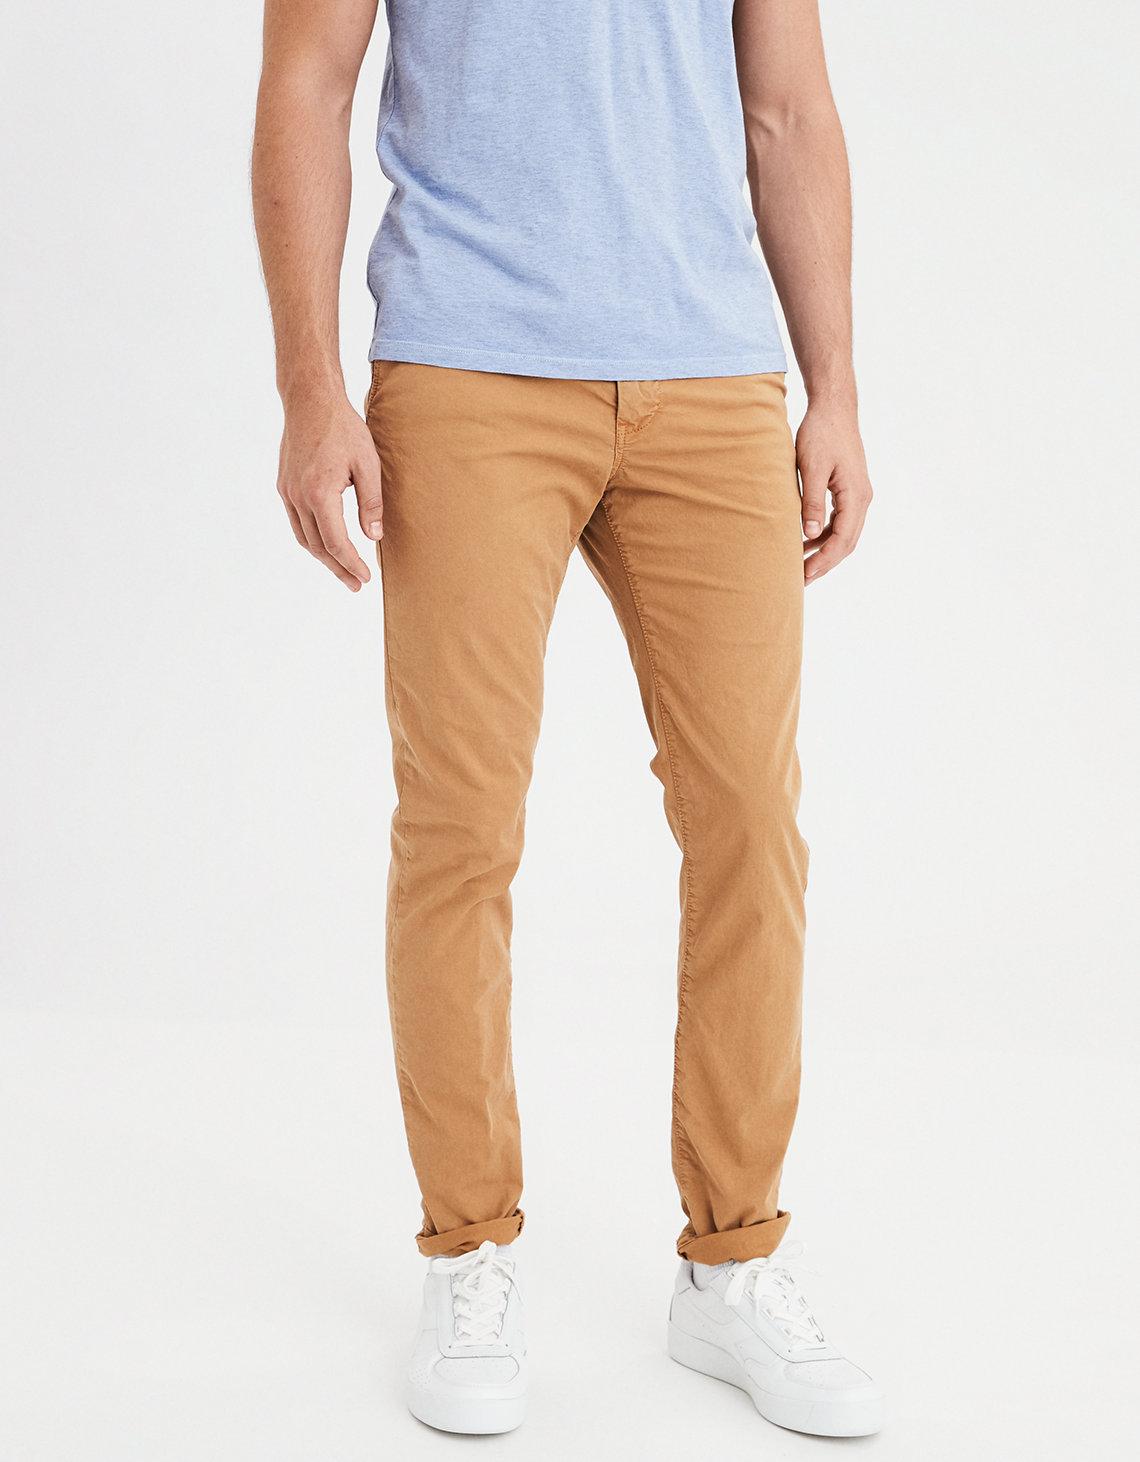 AE Ne(X)t Level Skinny Khaki Pant 88d50a59e5f6